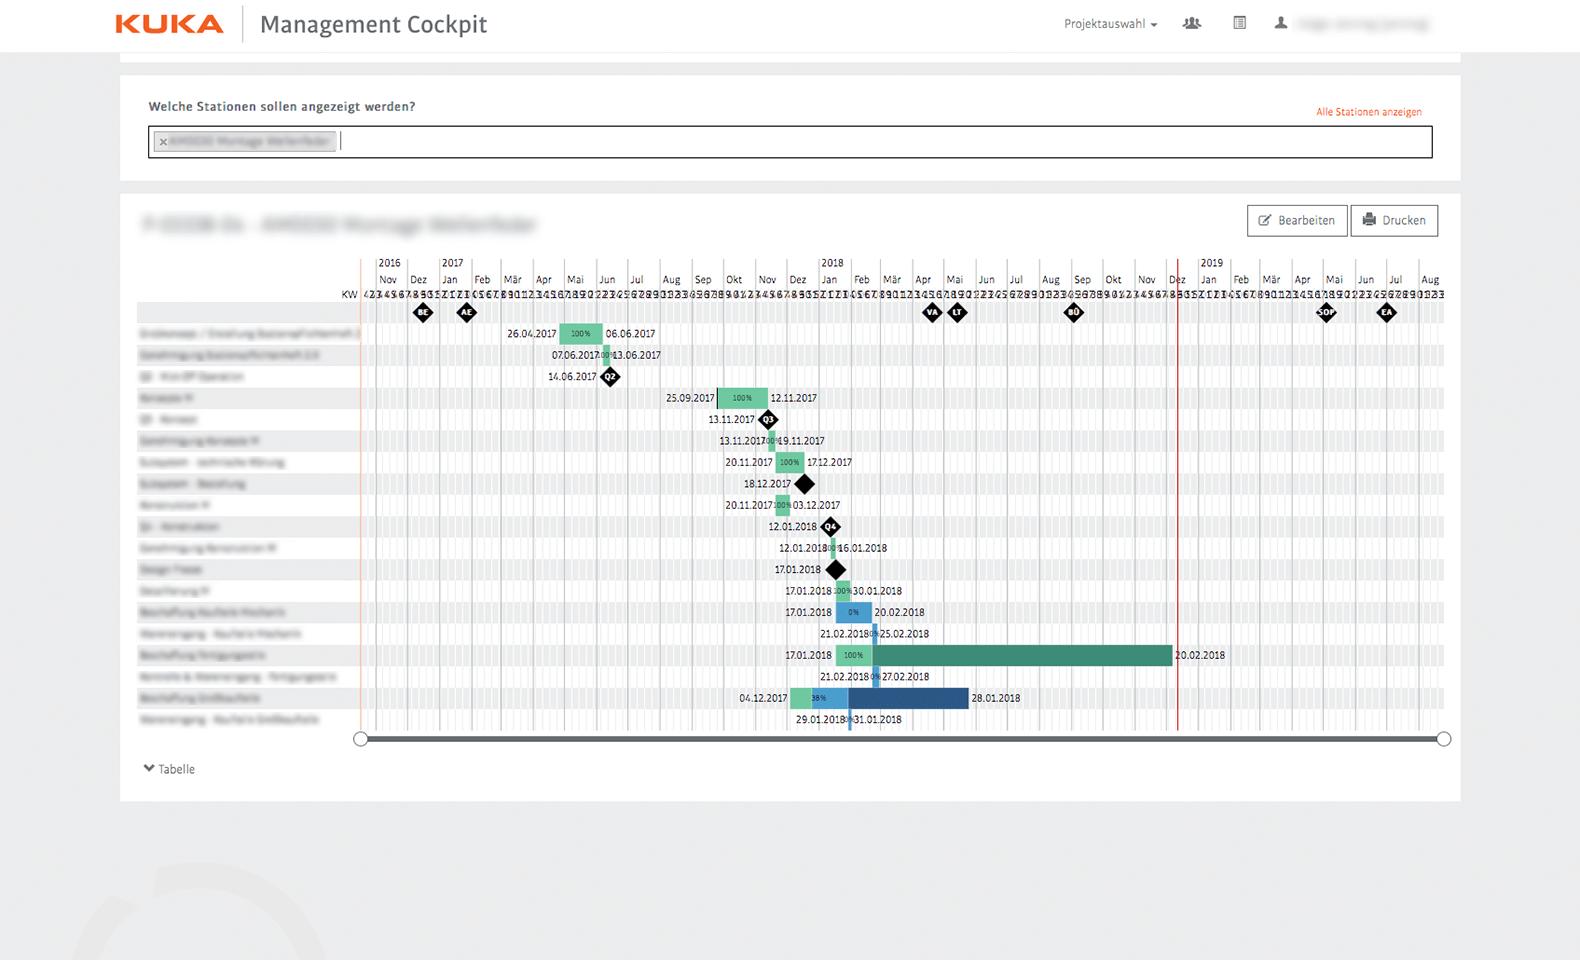 KUKA - Management Cockpit - Grafische Anzeige eines Terminplans